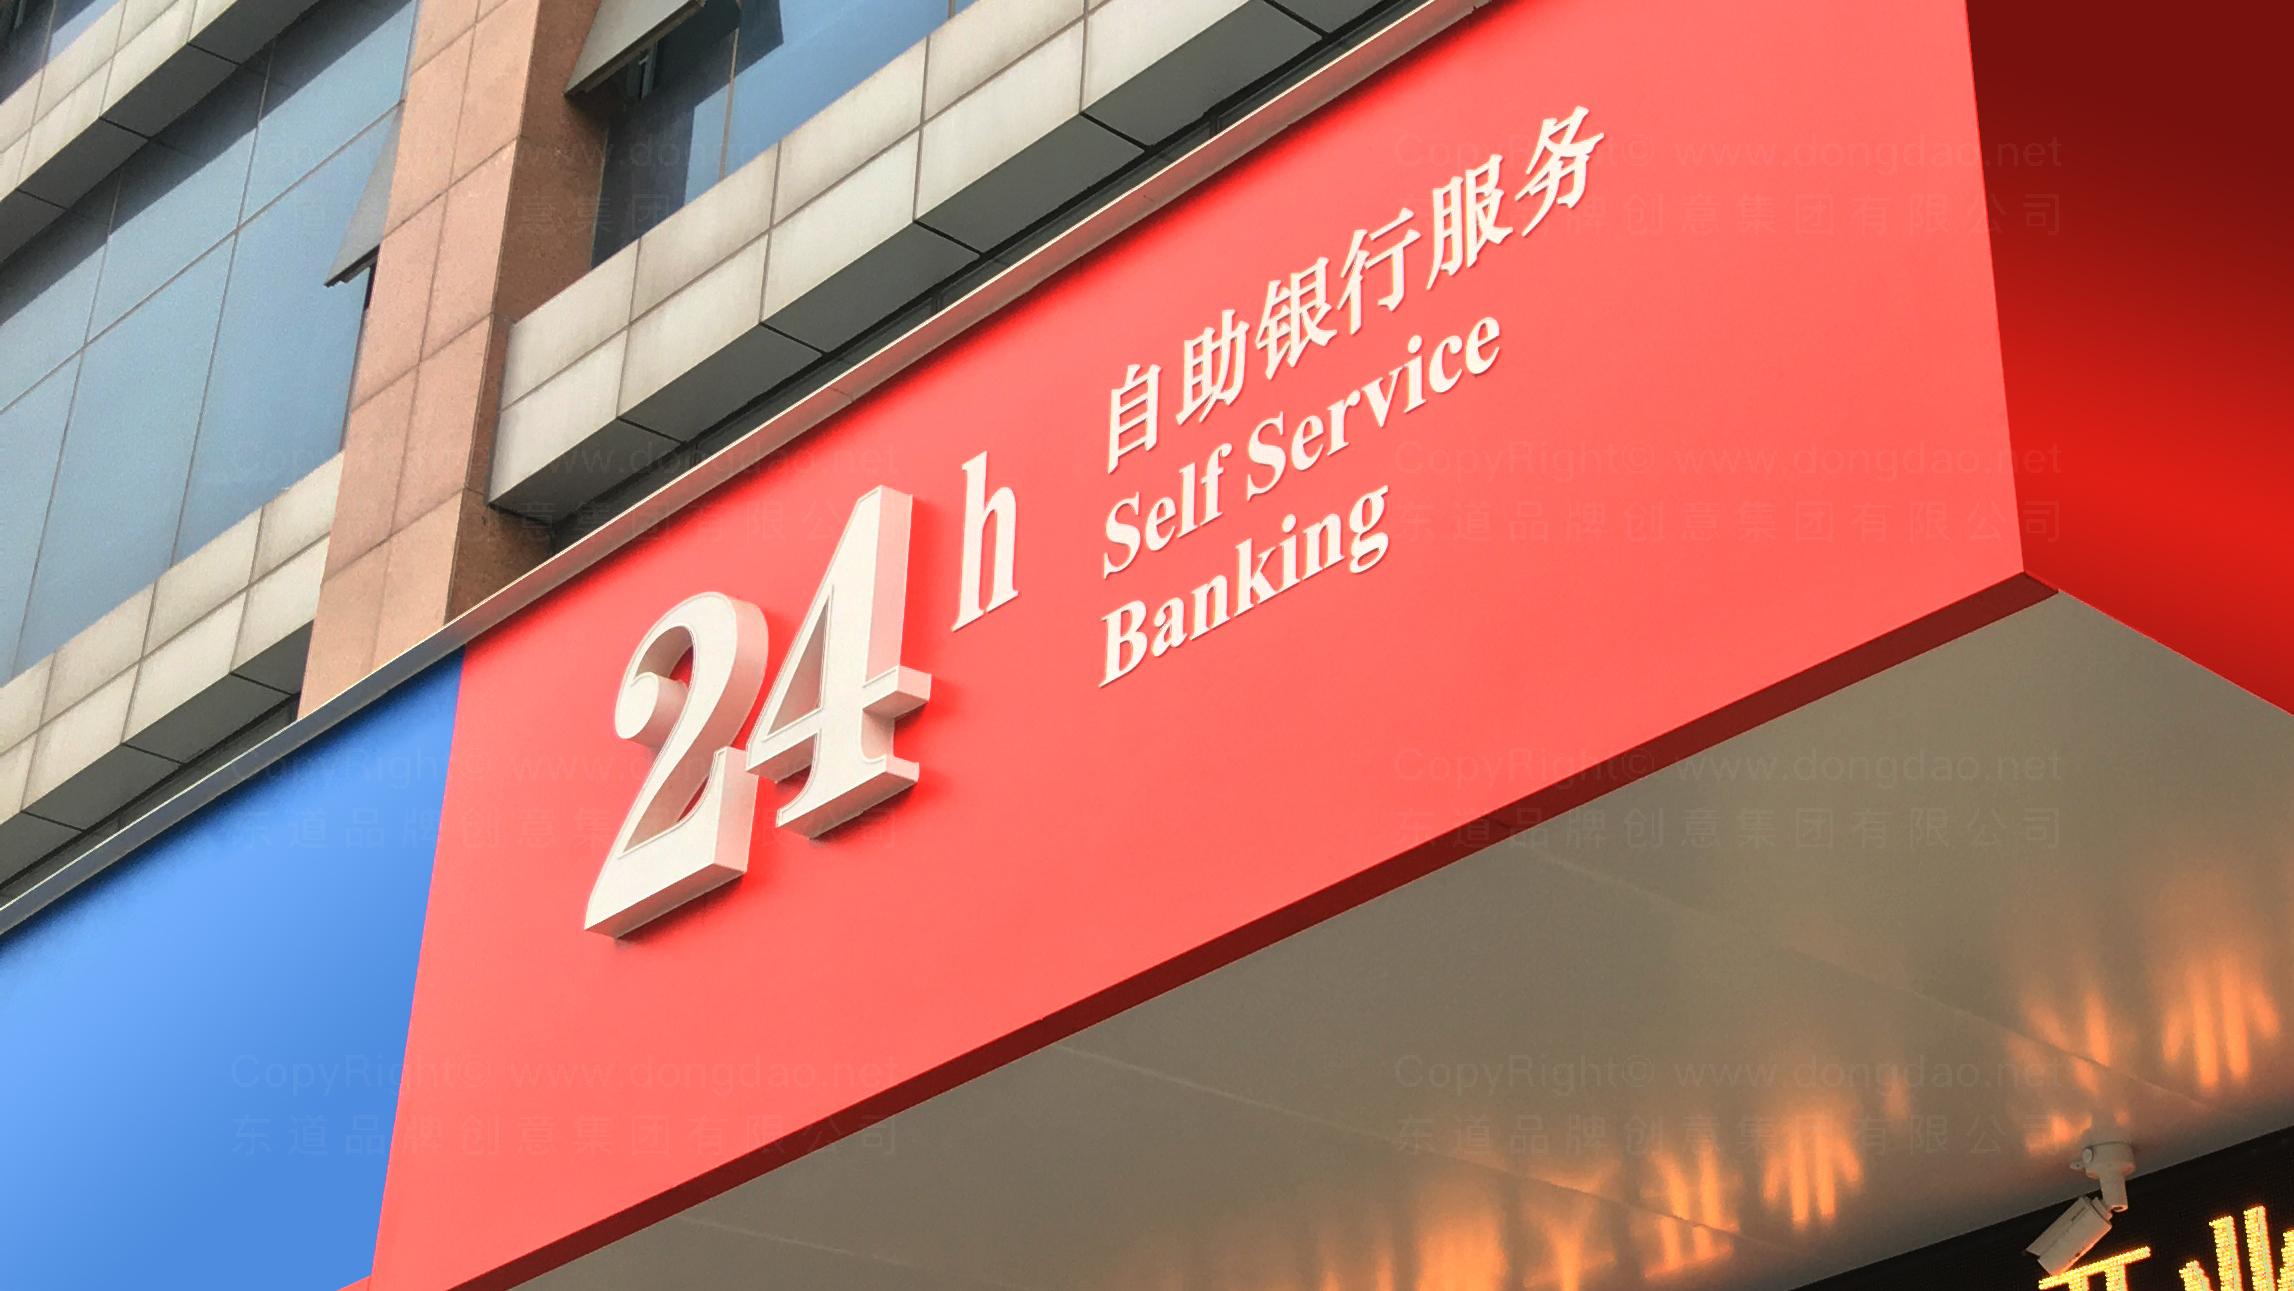 落地工程邯郸银行标识工程应用场景_2